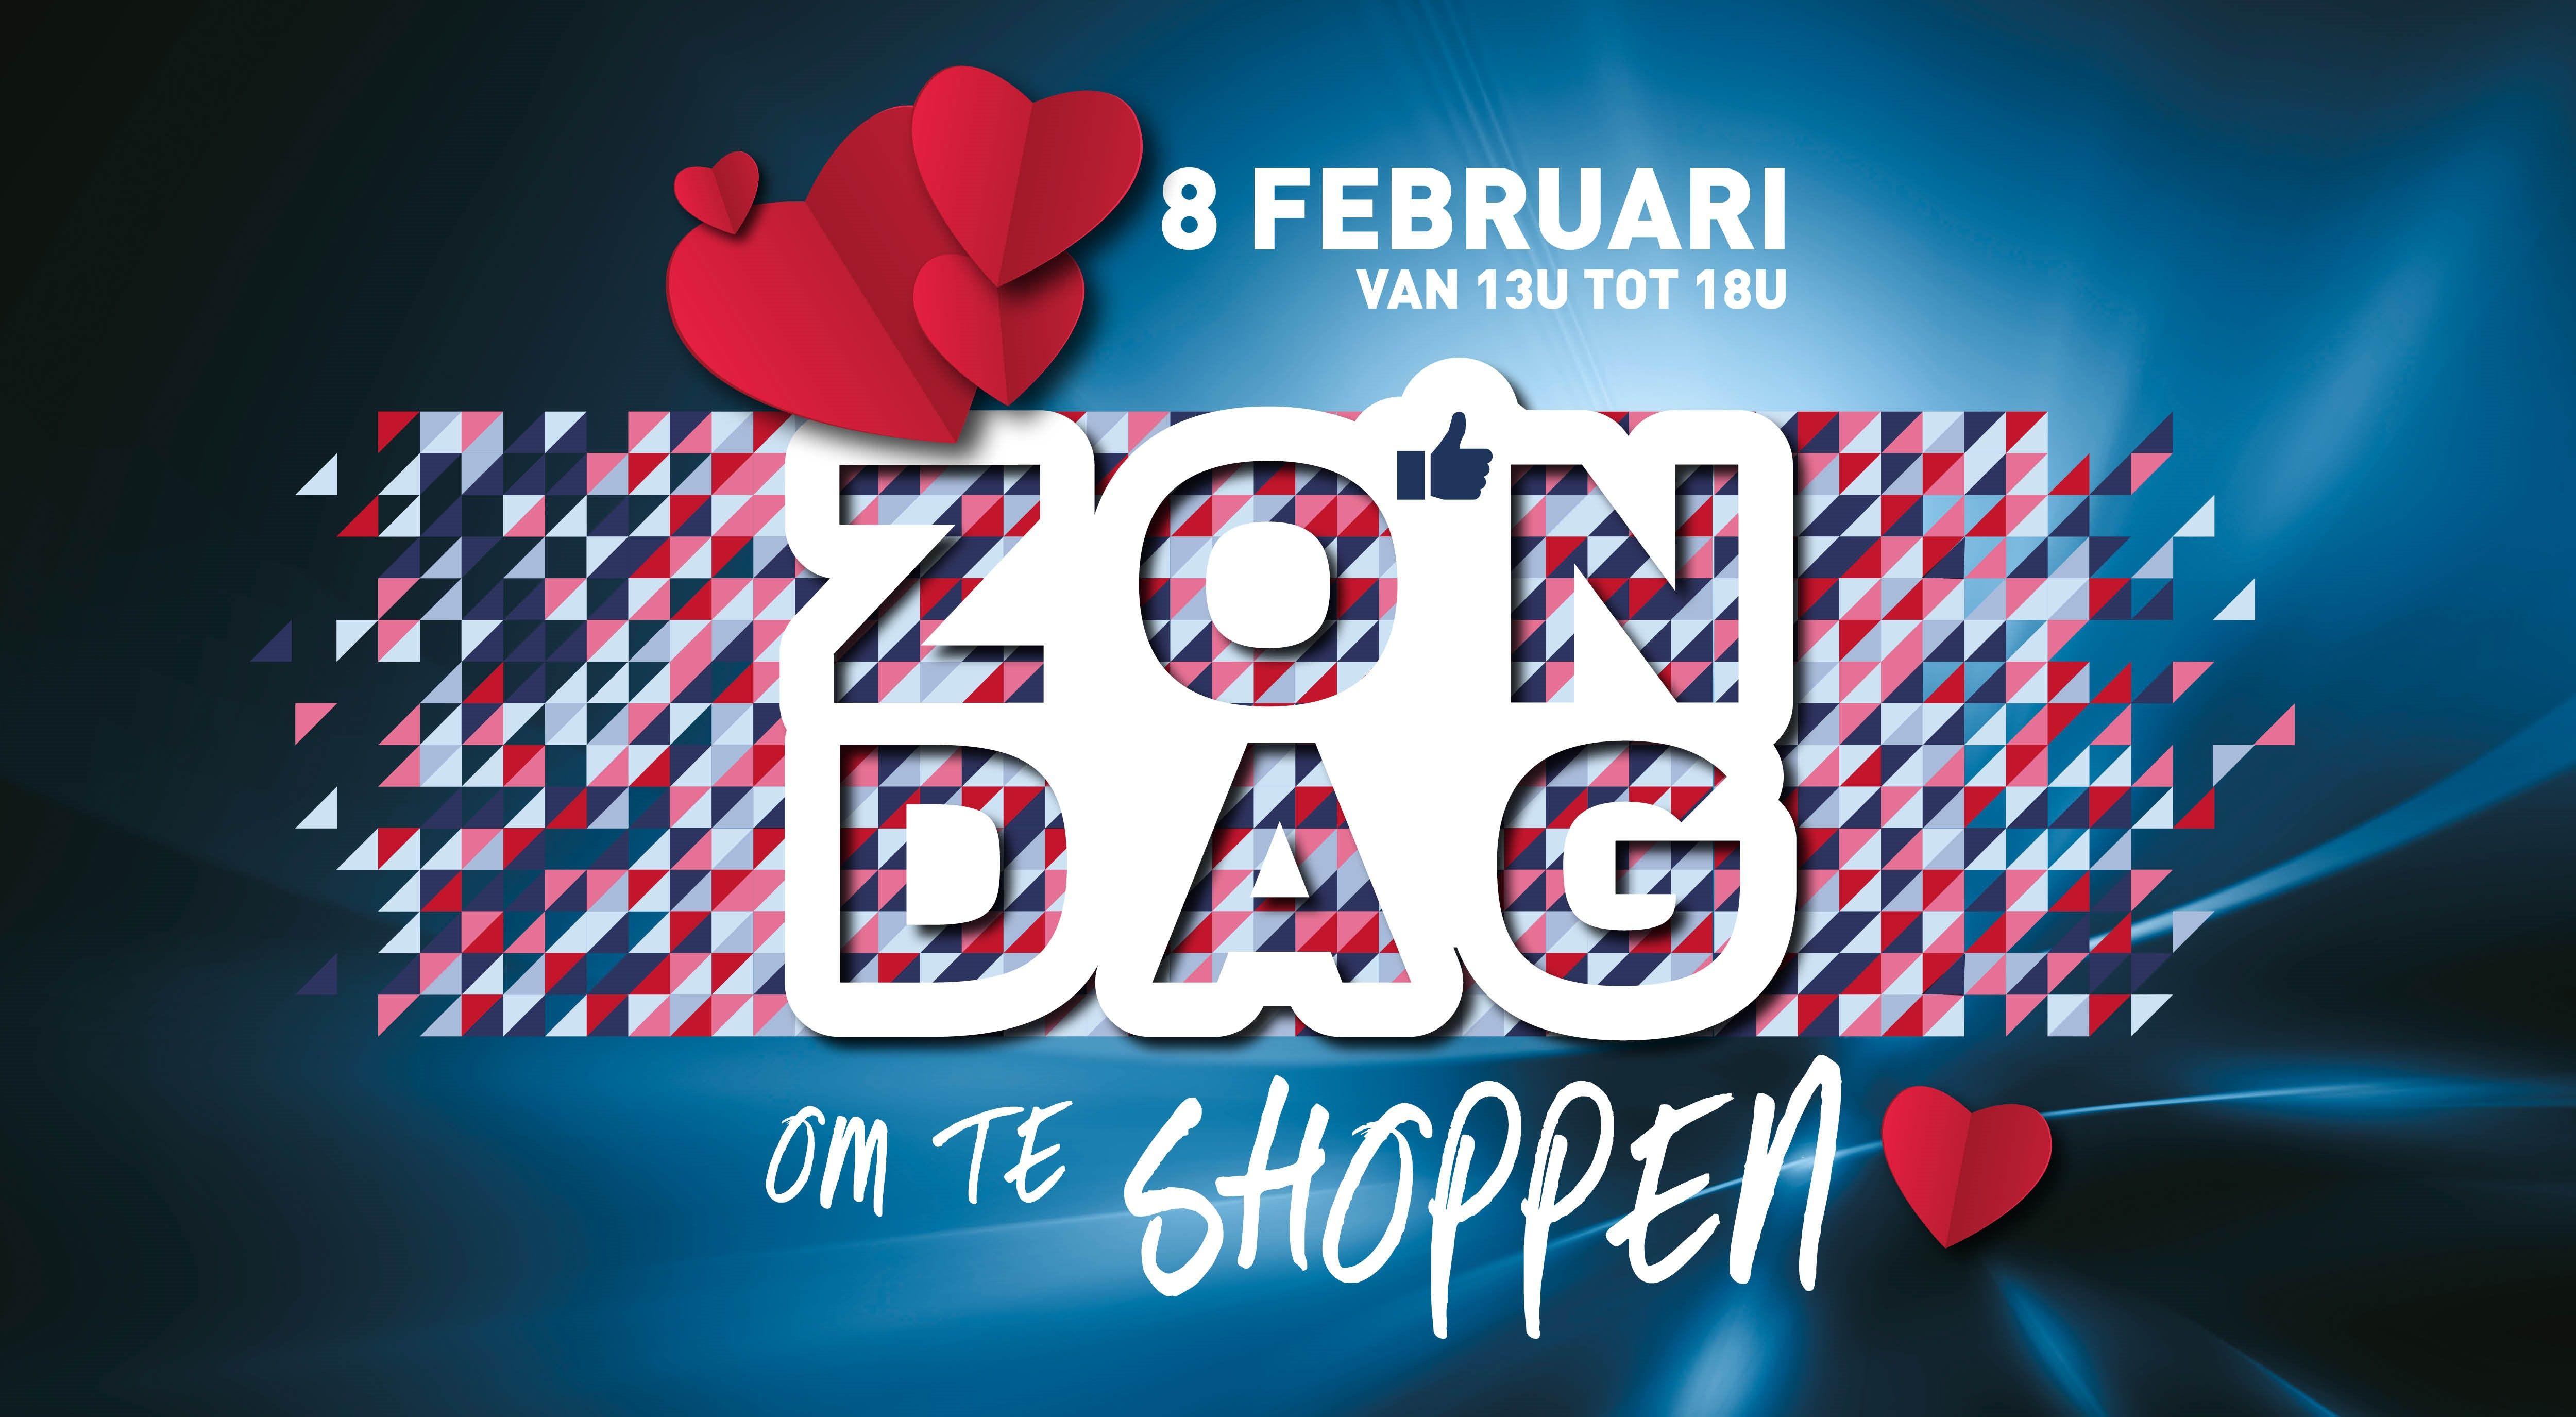 Zo'n dag om te shoppen: 8 februari